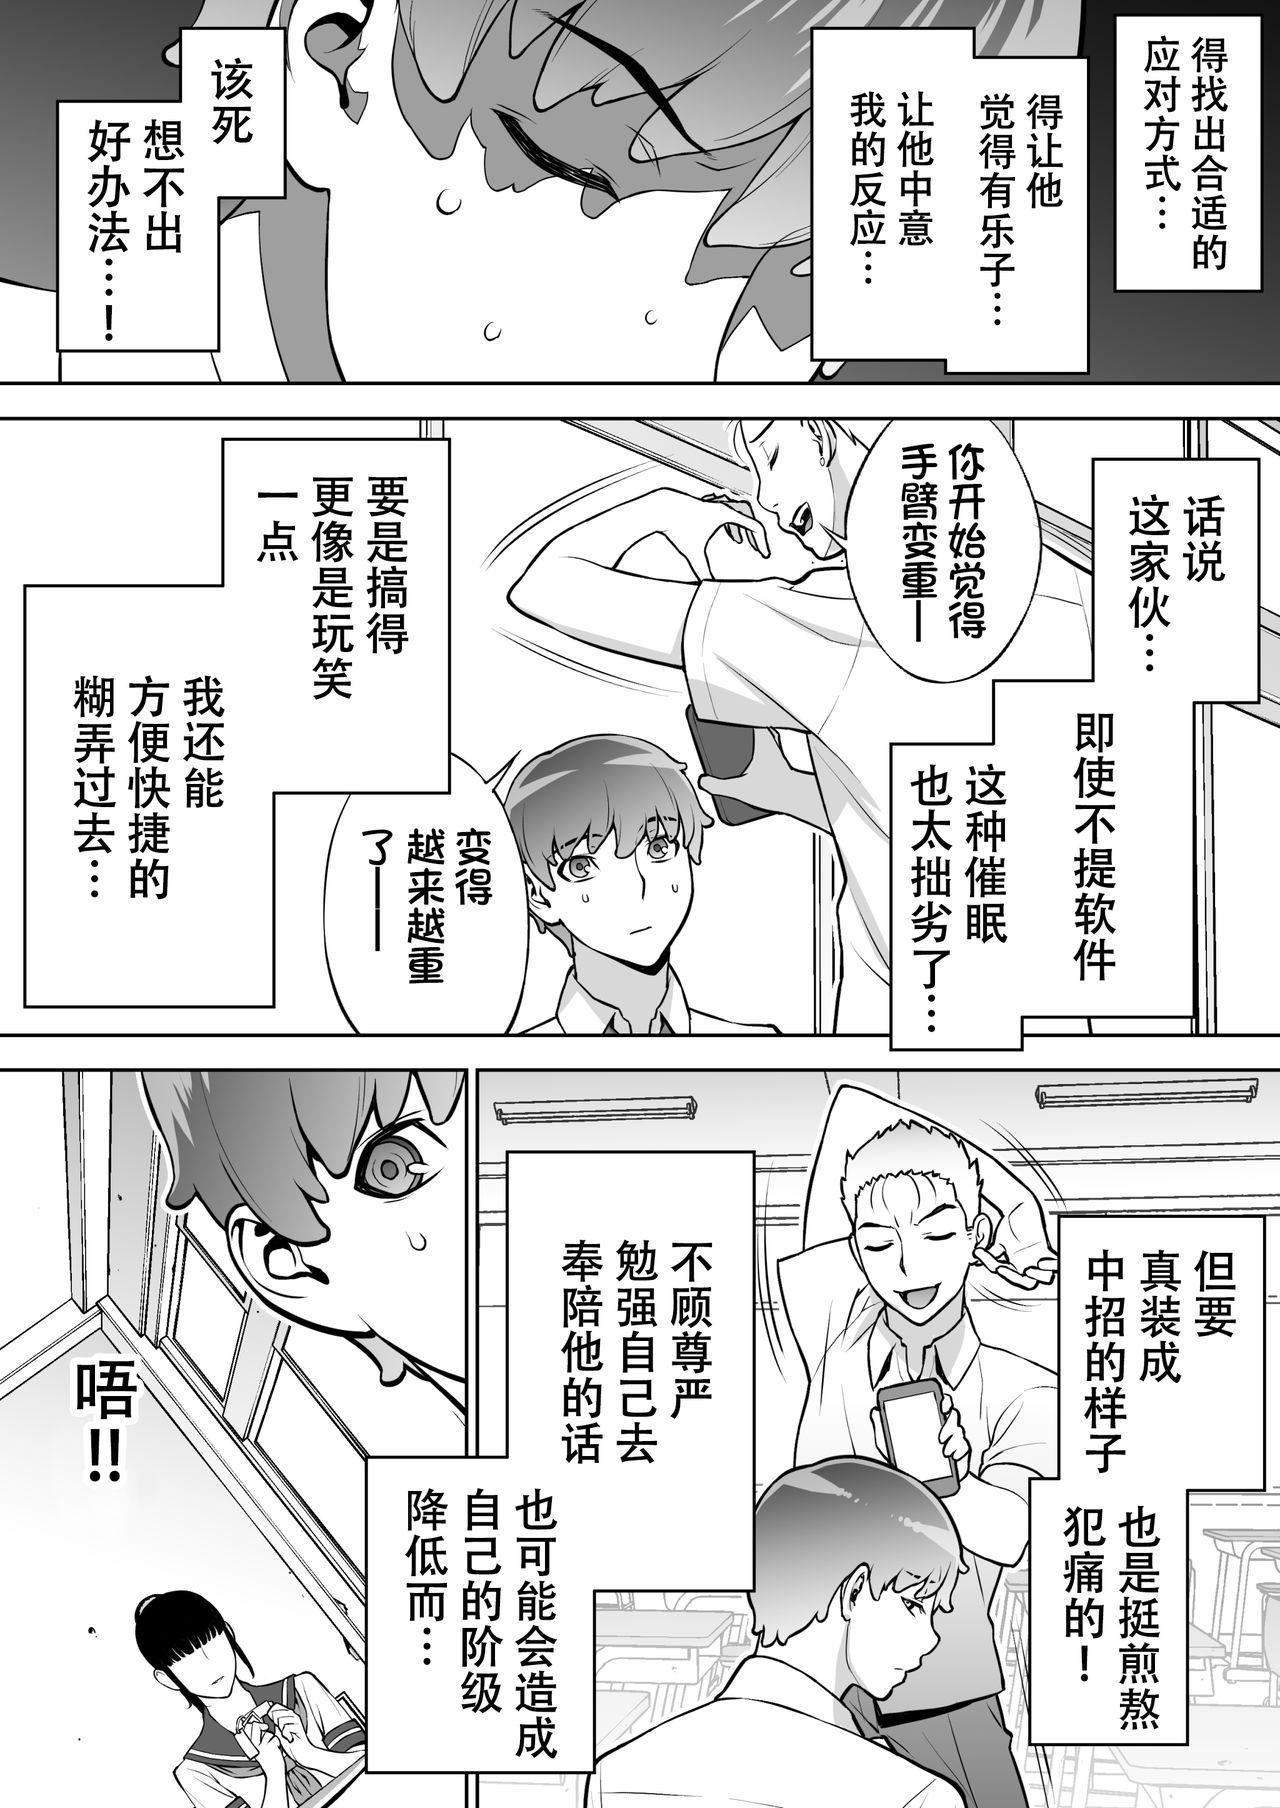 Iinchou wa Saimin Appli o Shinjiteru. 16